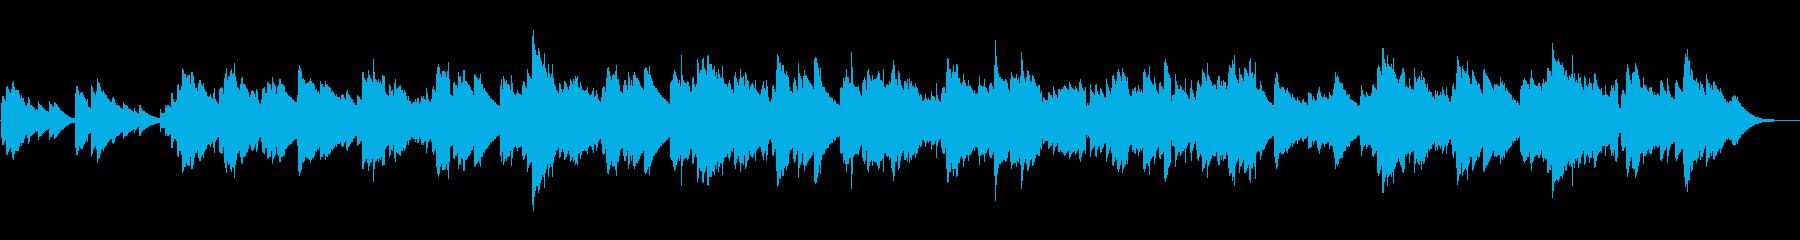 ノスタルジックなオルゴール風BGMの再生済みの波形